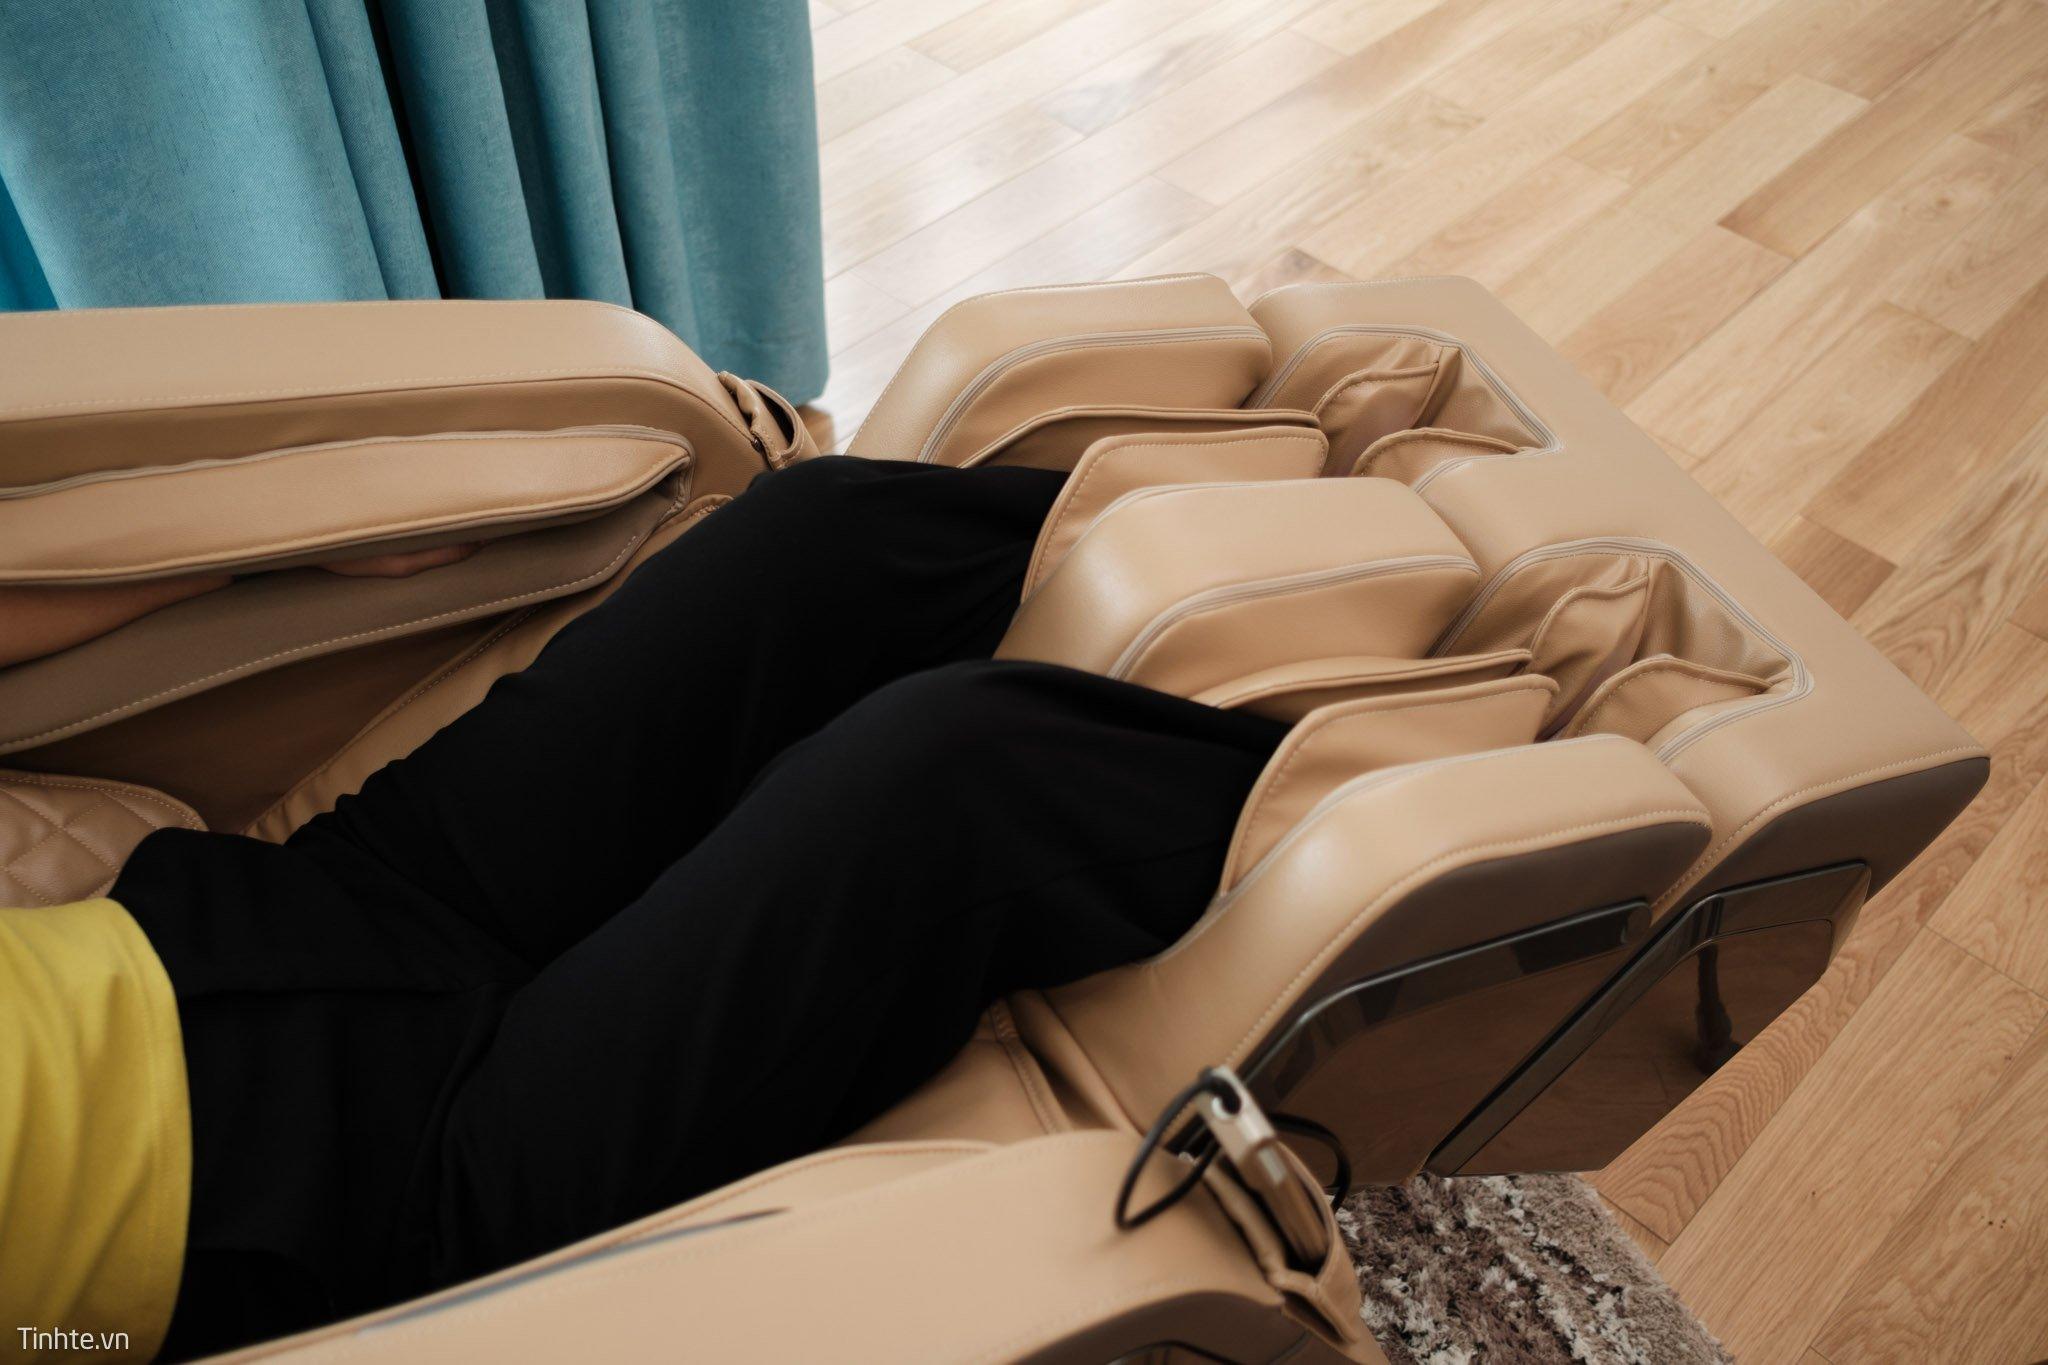 Ghế massage cao cấp hiện nay có đa dạng tính năng đáp ứng mọi nhu cầu của người dùng